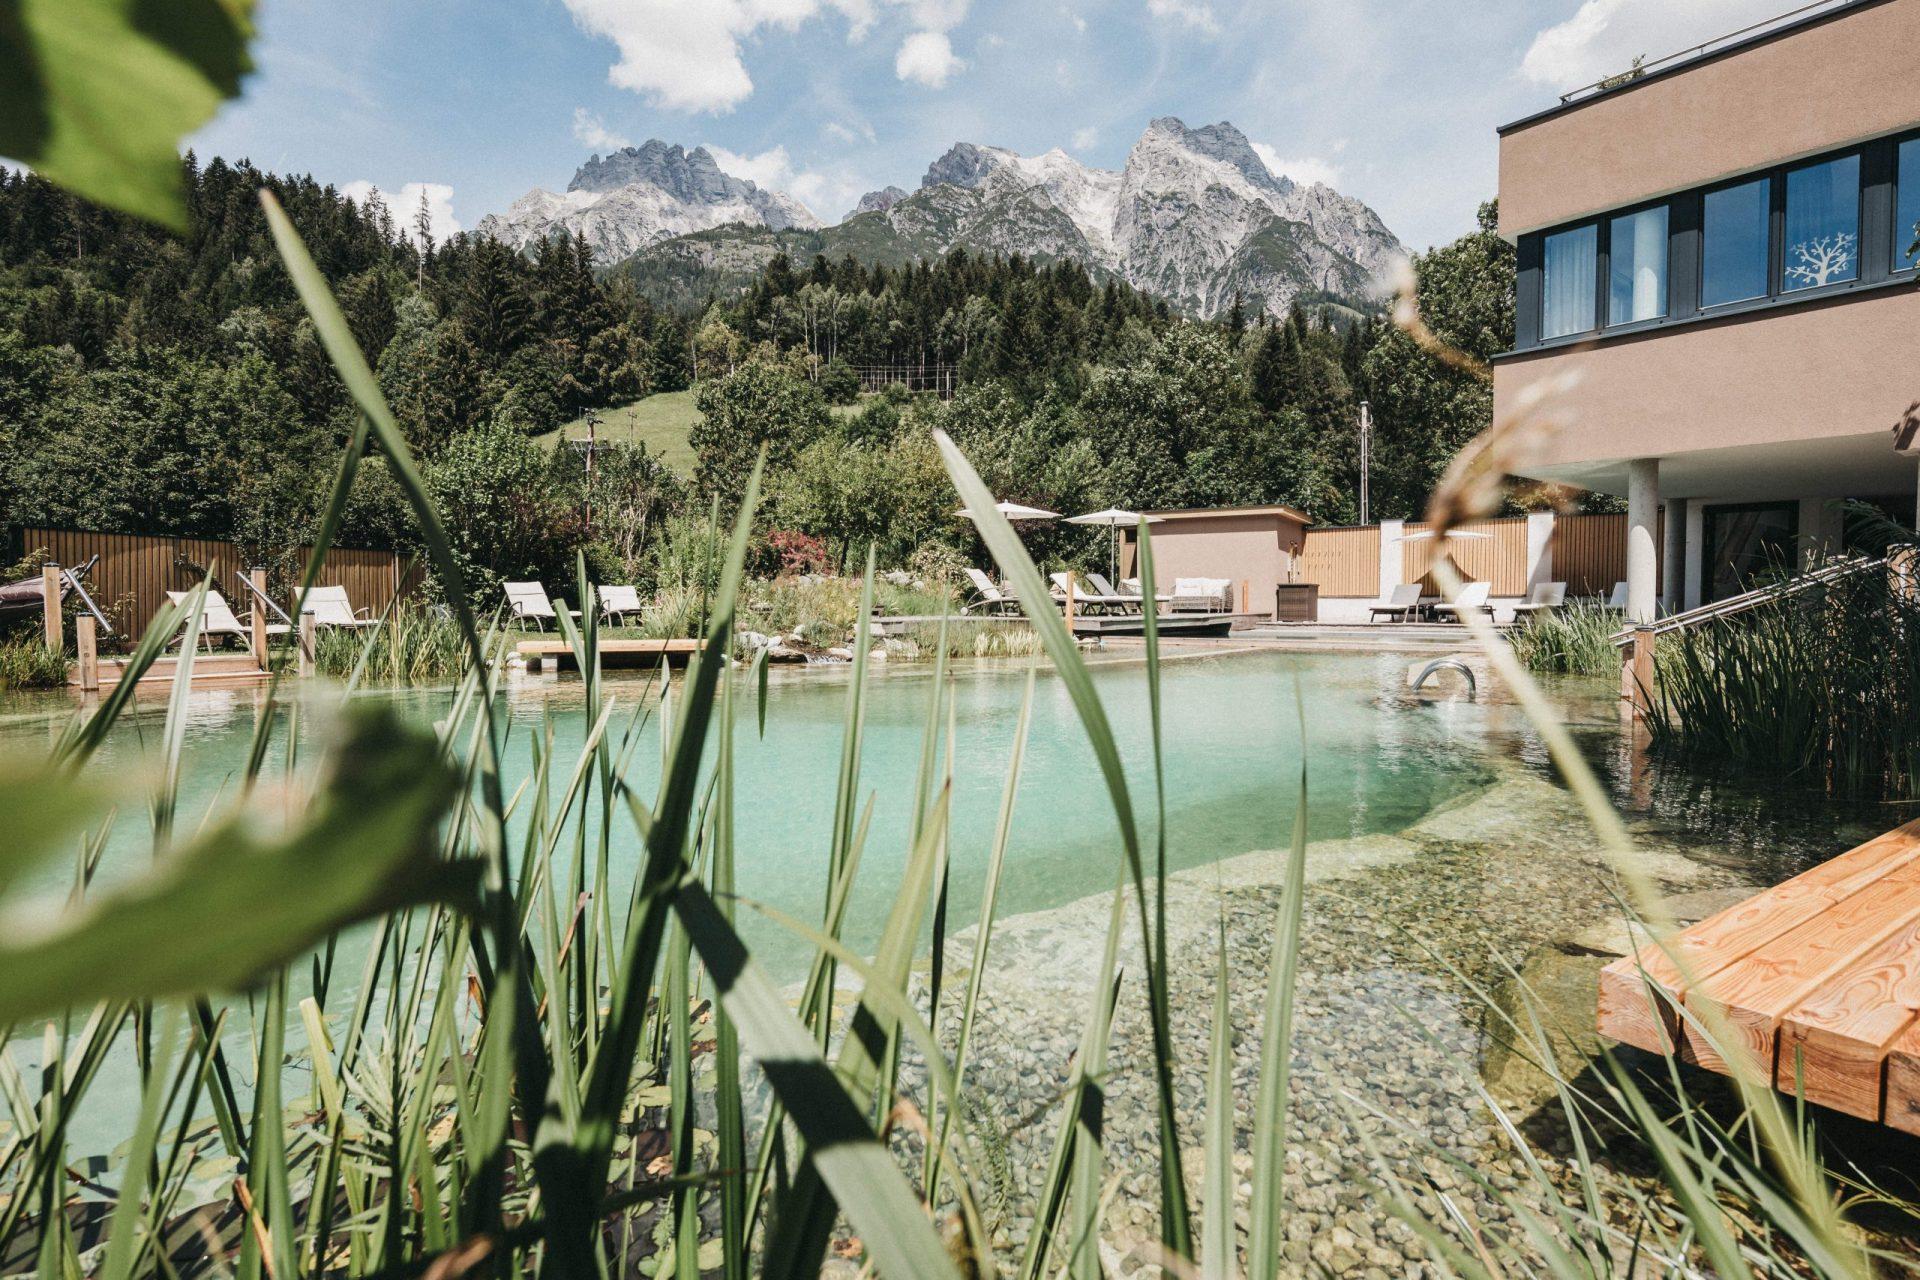 Biohotel Rupertus Aussenansicht_Schwimmteich_Juli 2020-1@heldentheater